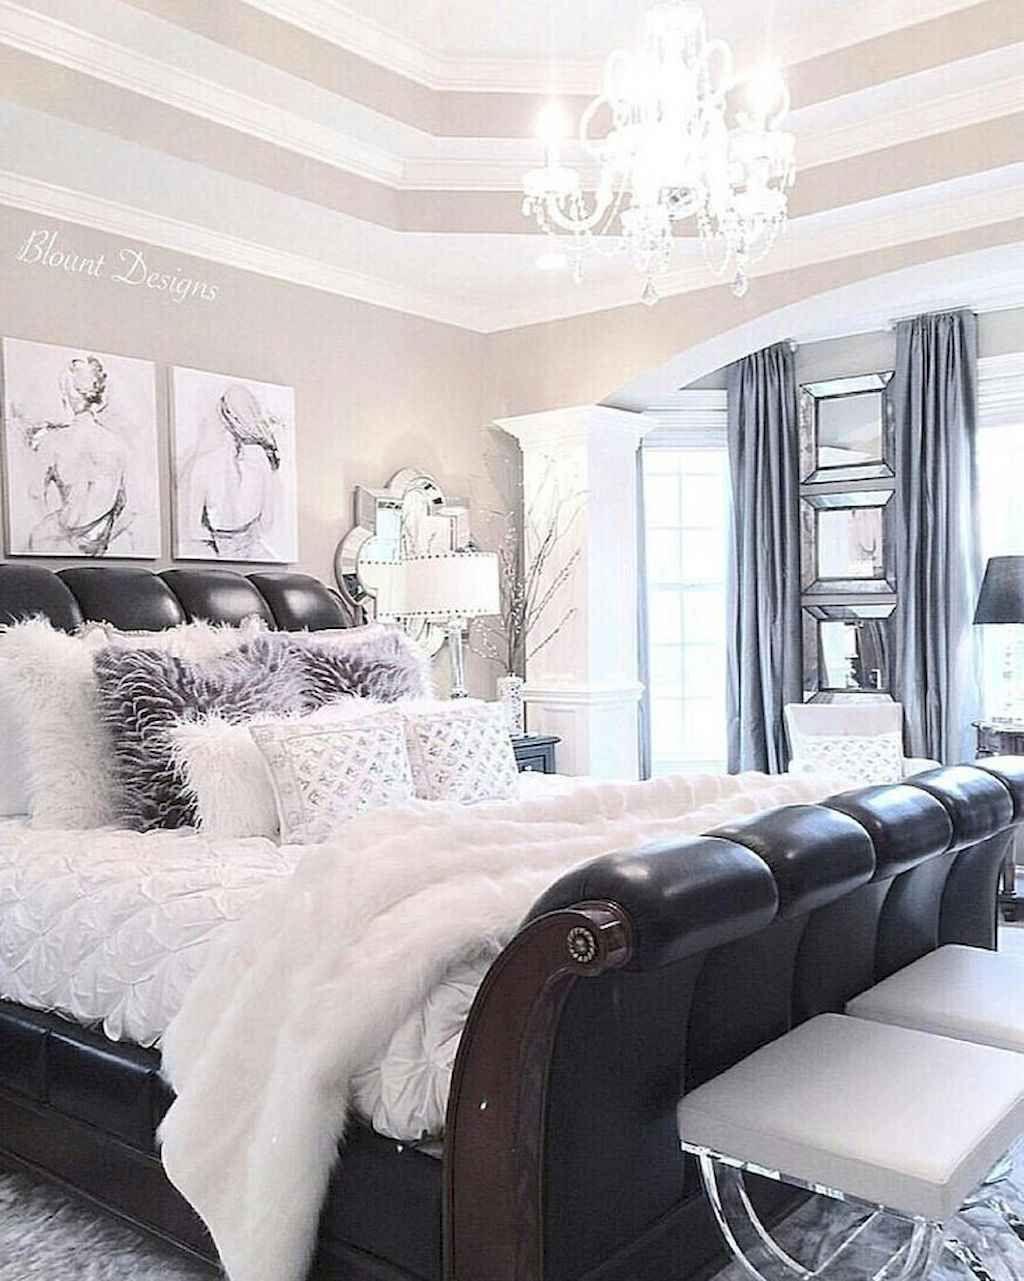 70 cozy minimalist bedroom design trends in 2020 with on cozy minimalist bedroom decorating ideas id=27188